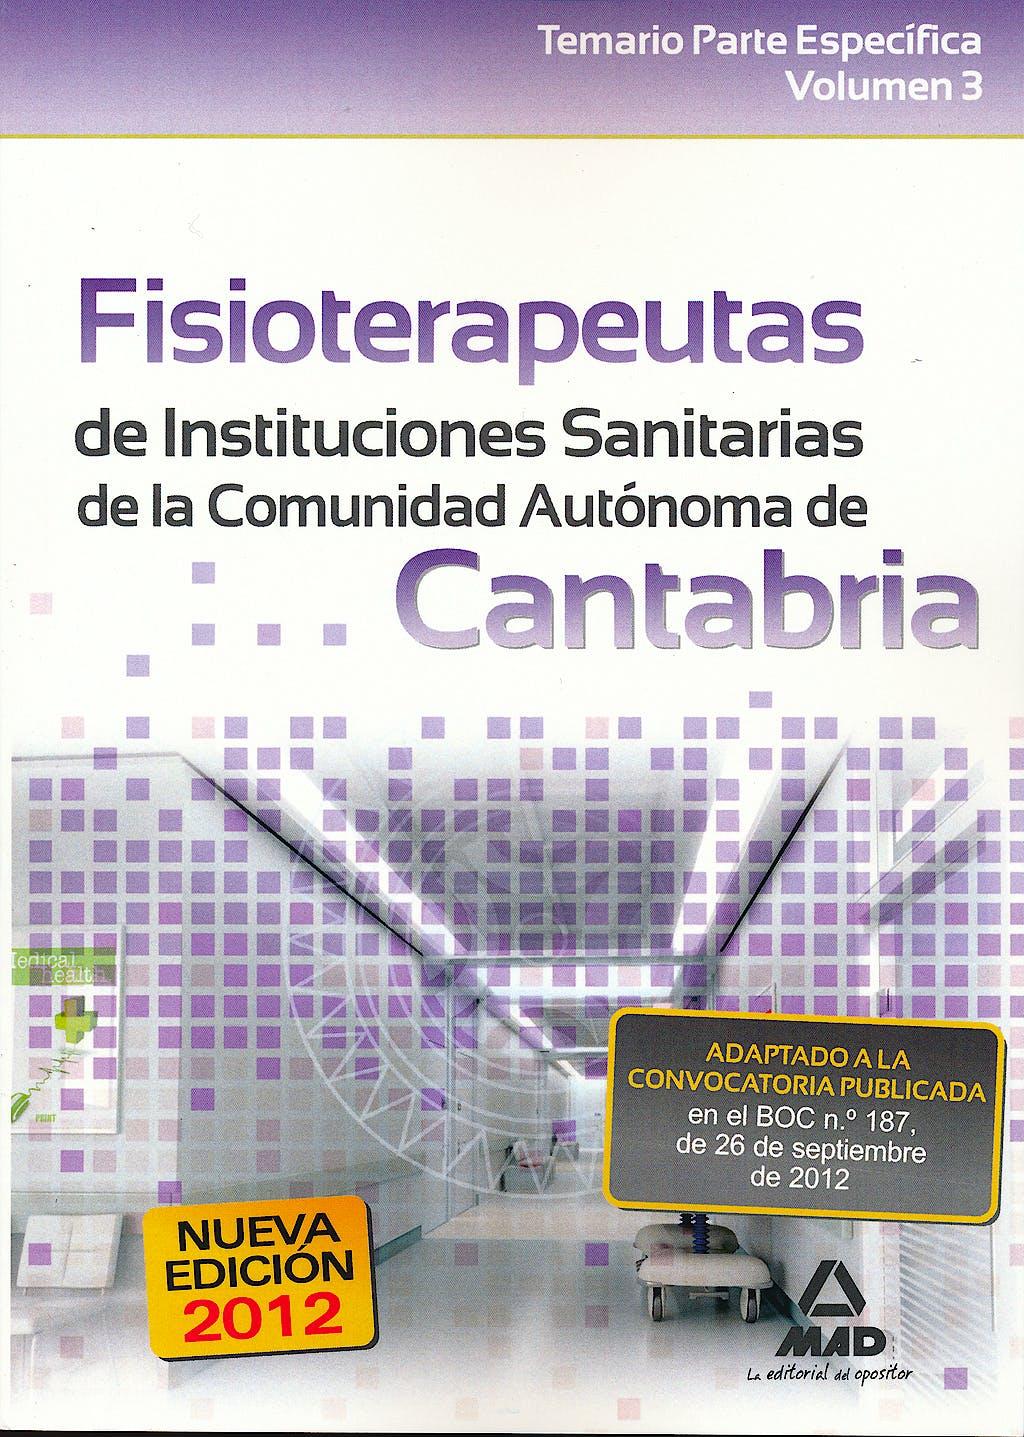 Portada del libro 9788467686913 Fisioterapeutas de Instituciones Sanitarias de la Comunidad Autonoma de Cantabria. Temario Parte Especifica, Vol. III